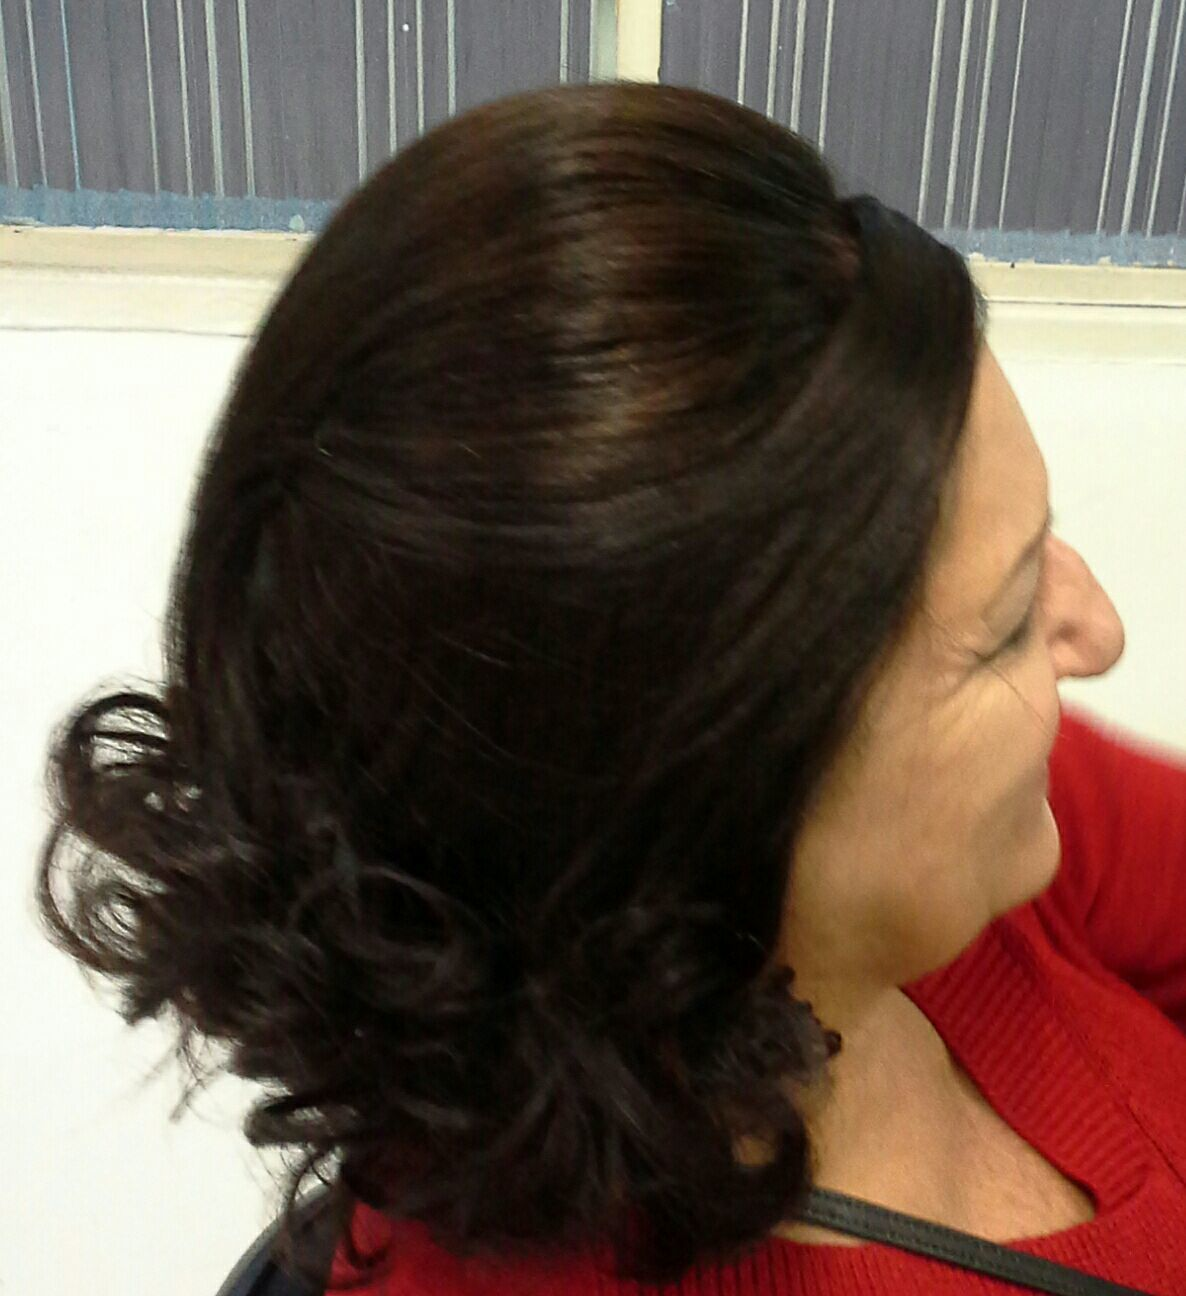 Caracterização  anos 60 Veravisagista  cabelereira cabelo stylist / visagista cabeleireiro(a)